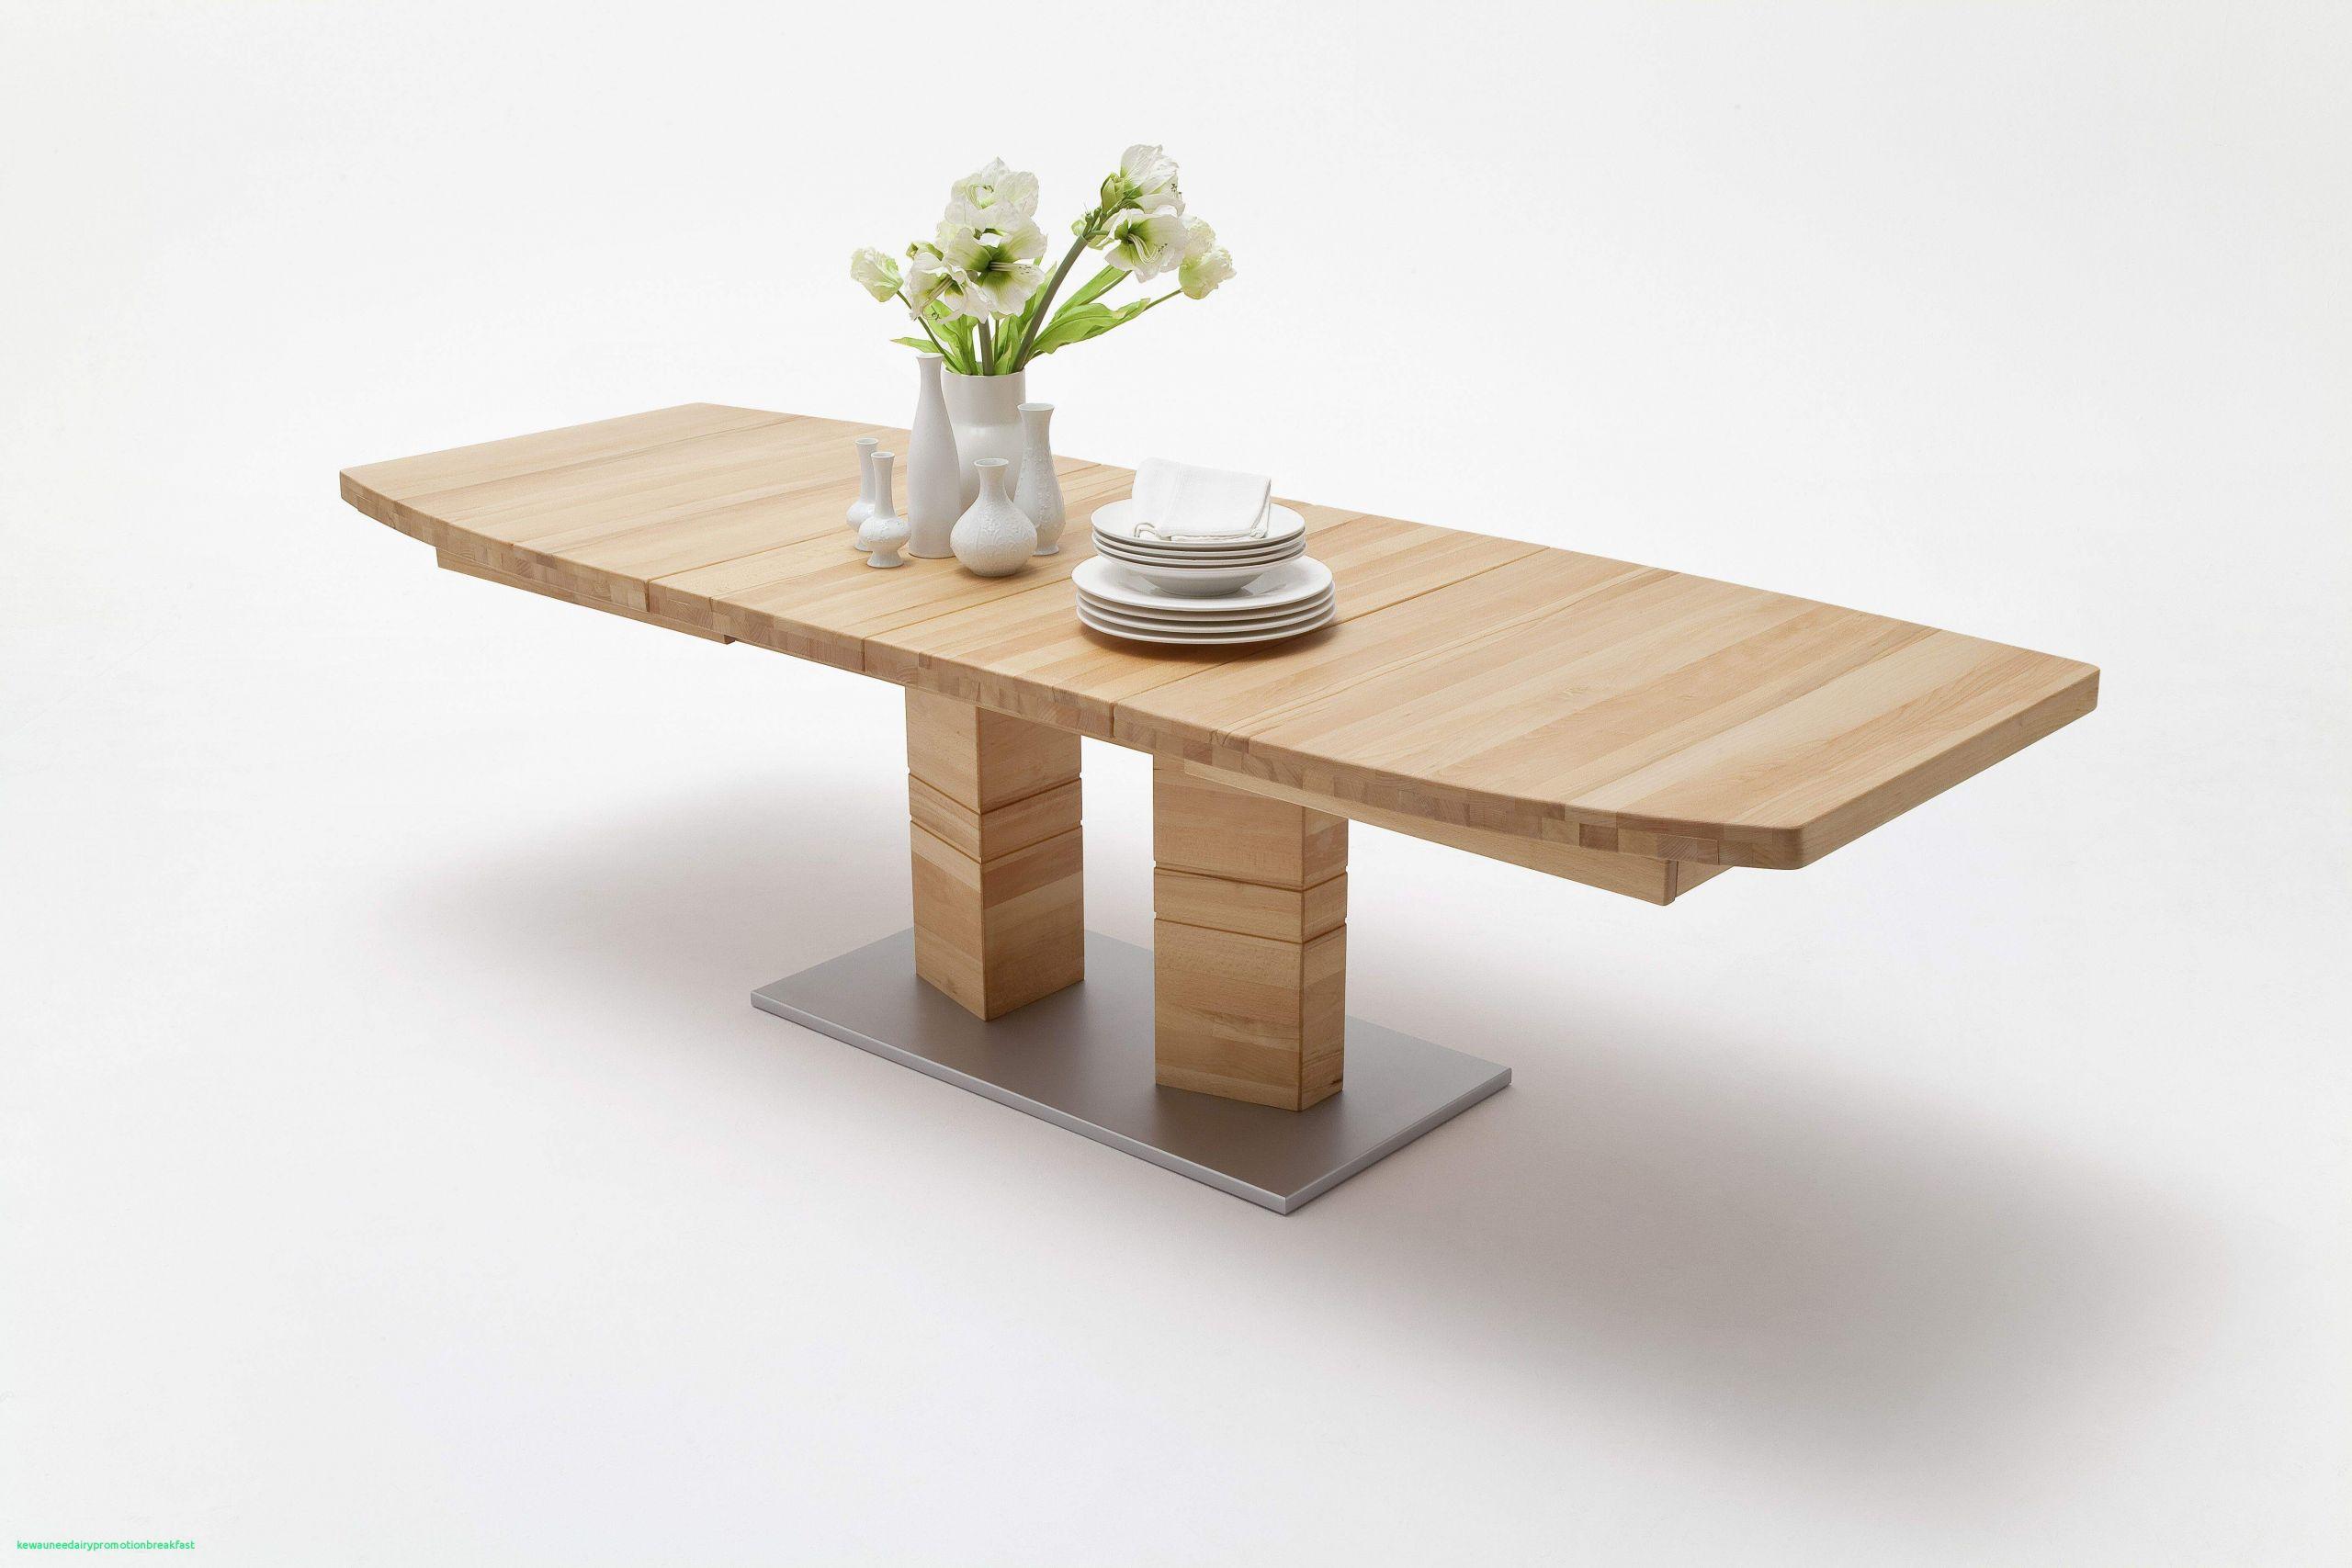 ebay tisch und stuehle gebraucht se praechtig esstisch massiv gebraucht ebay denken luxus esstisch genial